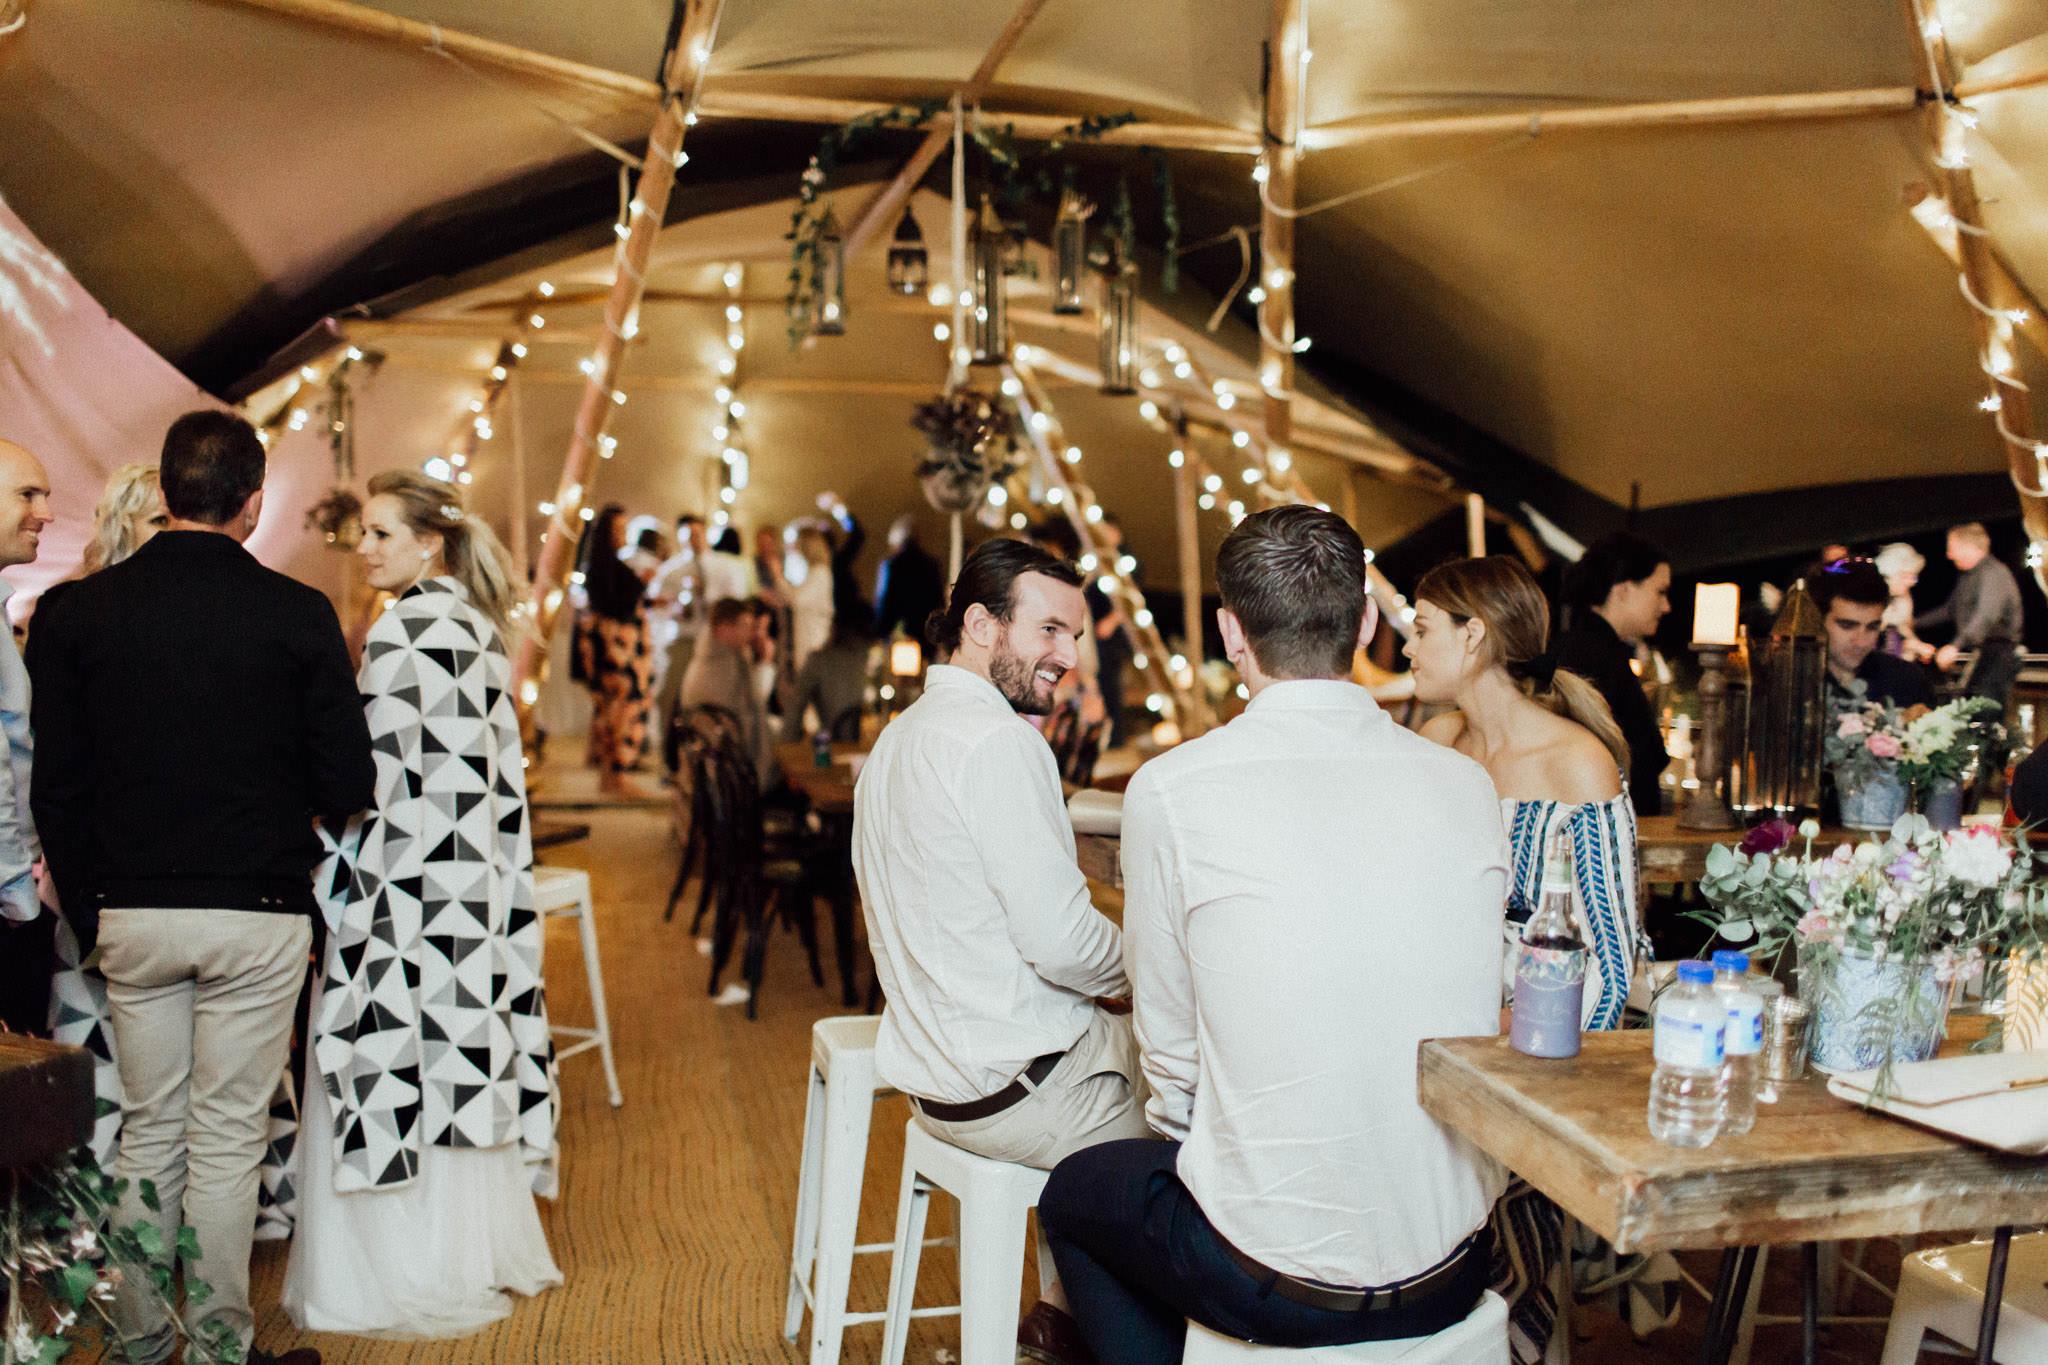 WeddingPhotos_Facebook_2048pixels-1951.jpg